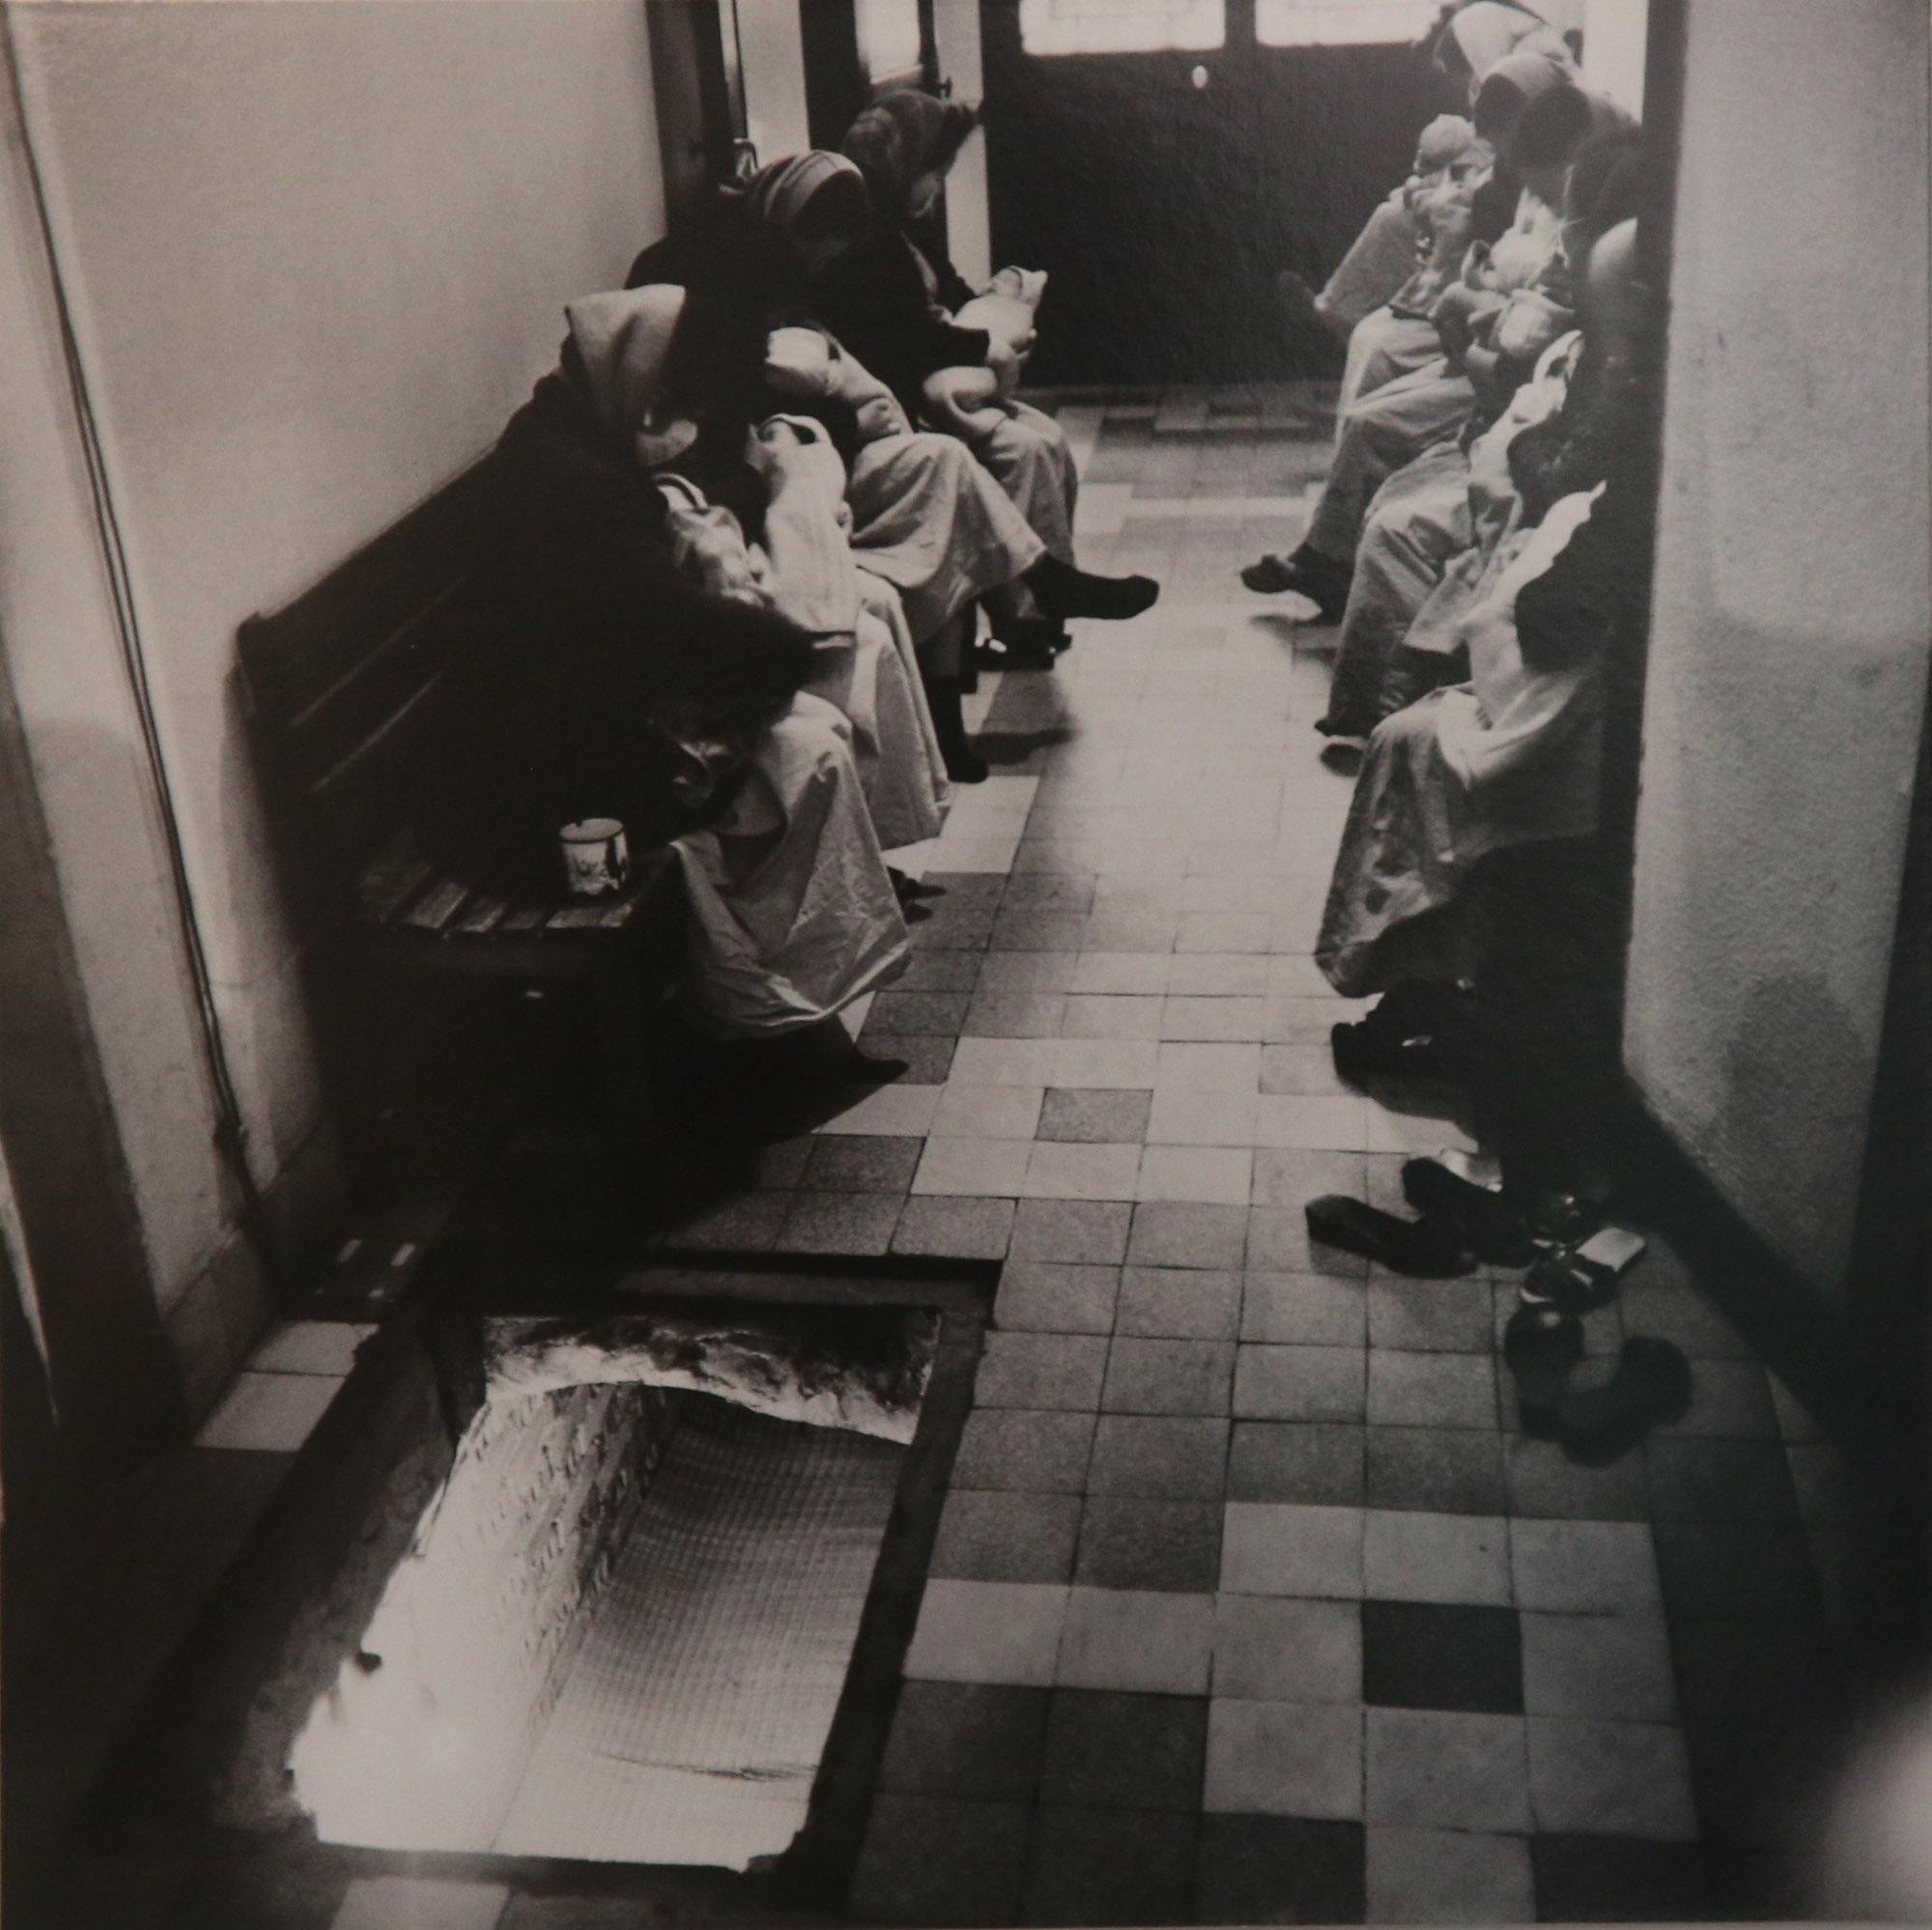 Hình ảnh quý về Hà Nội thời gian khó của nhiếp ảnh gia người Đức - 14